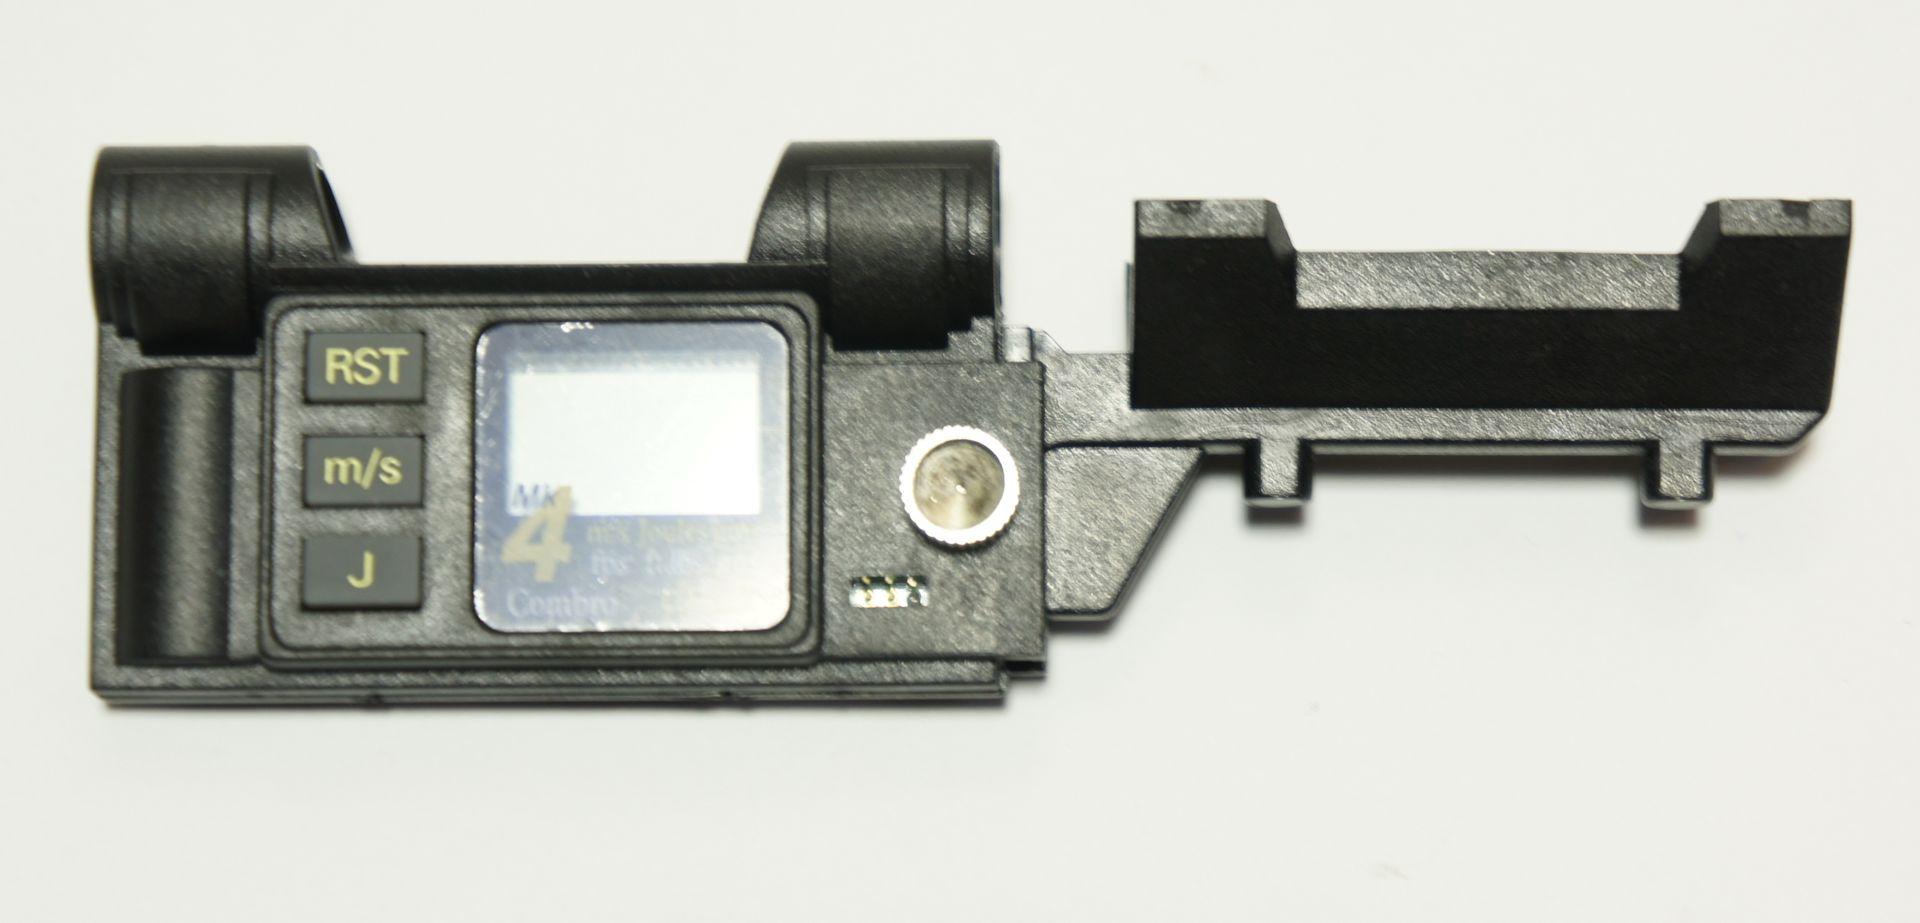 Das Combro 168 CB 625 Mk4 wird mit Gummis am Lauf der Waffe befestigt